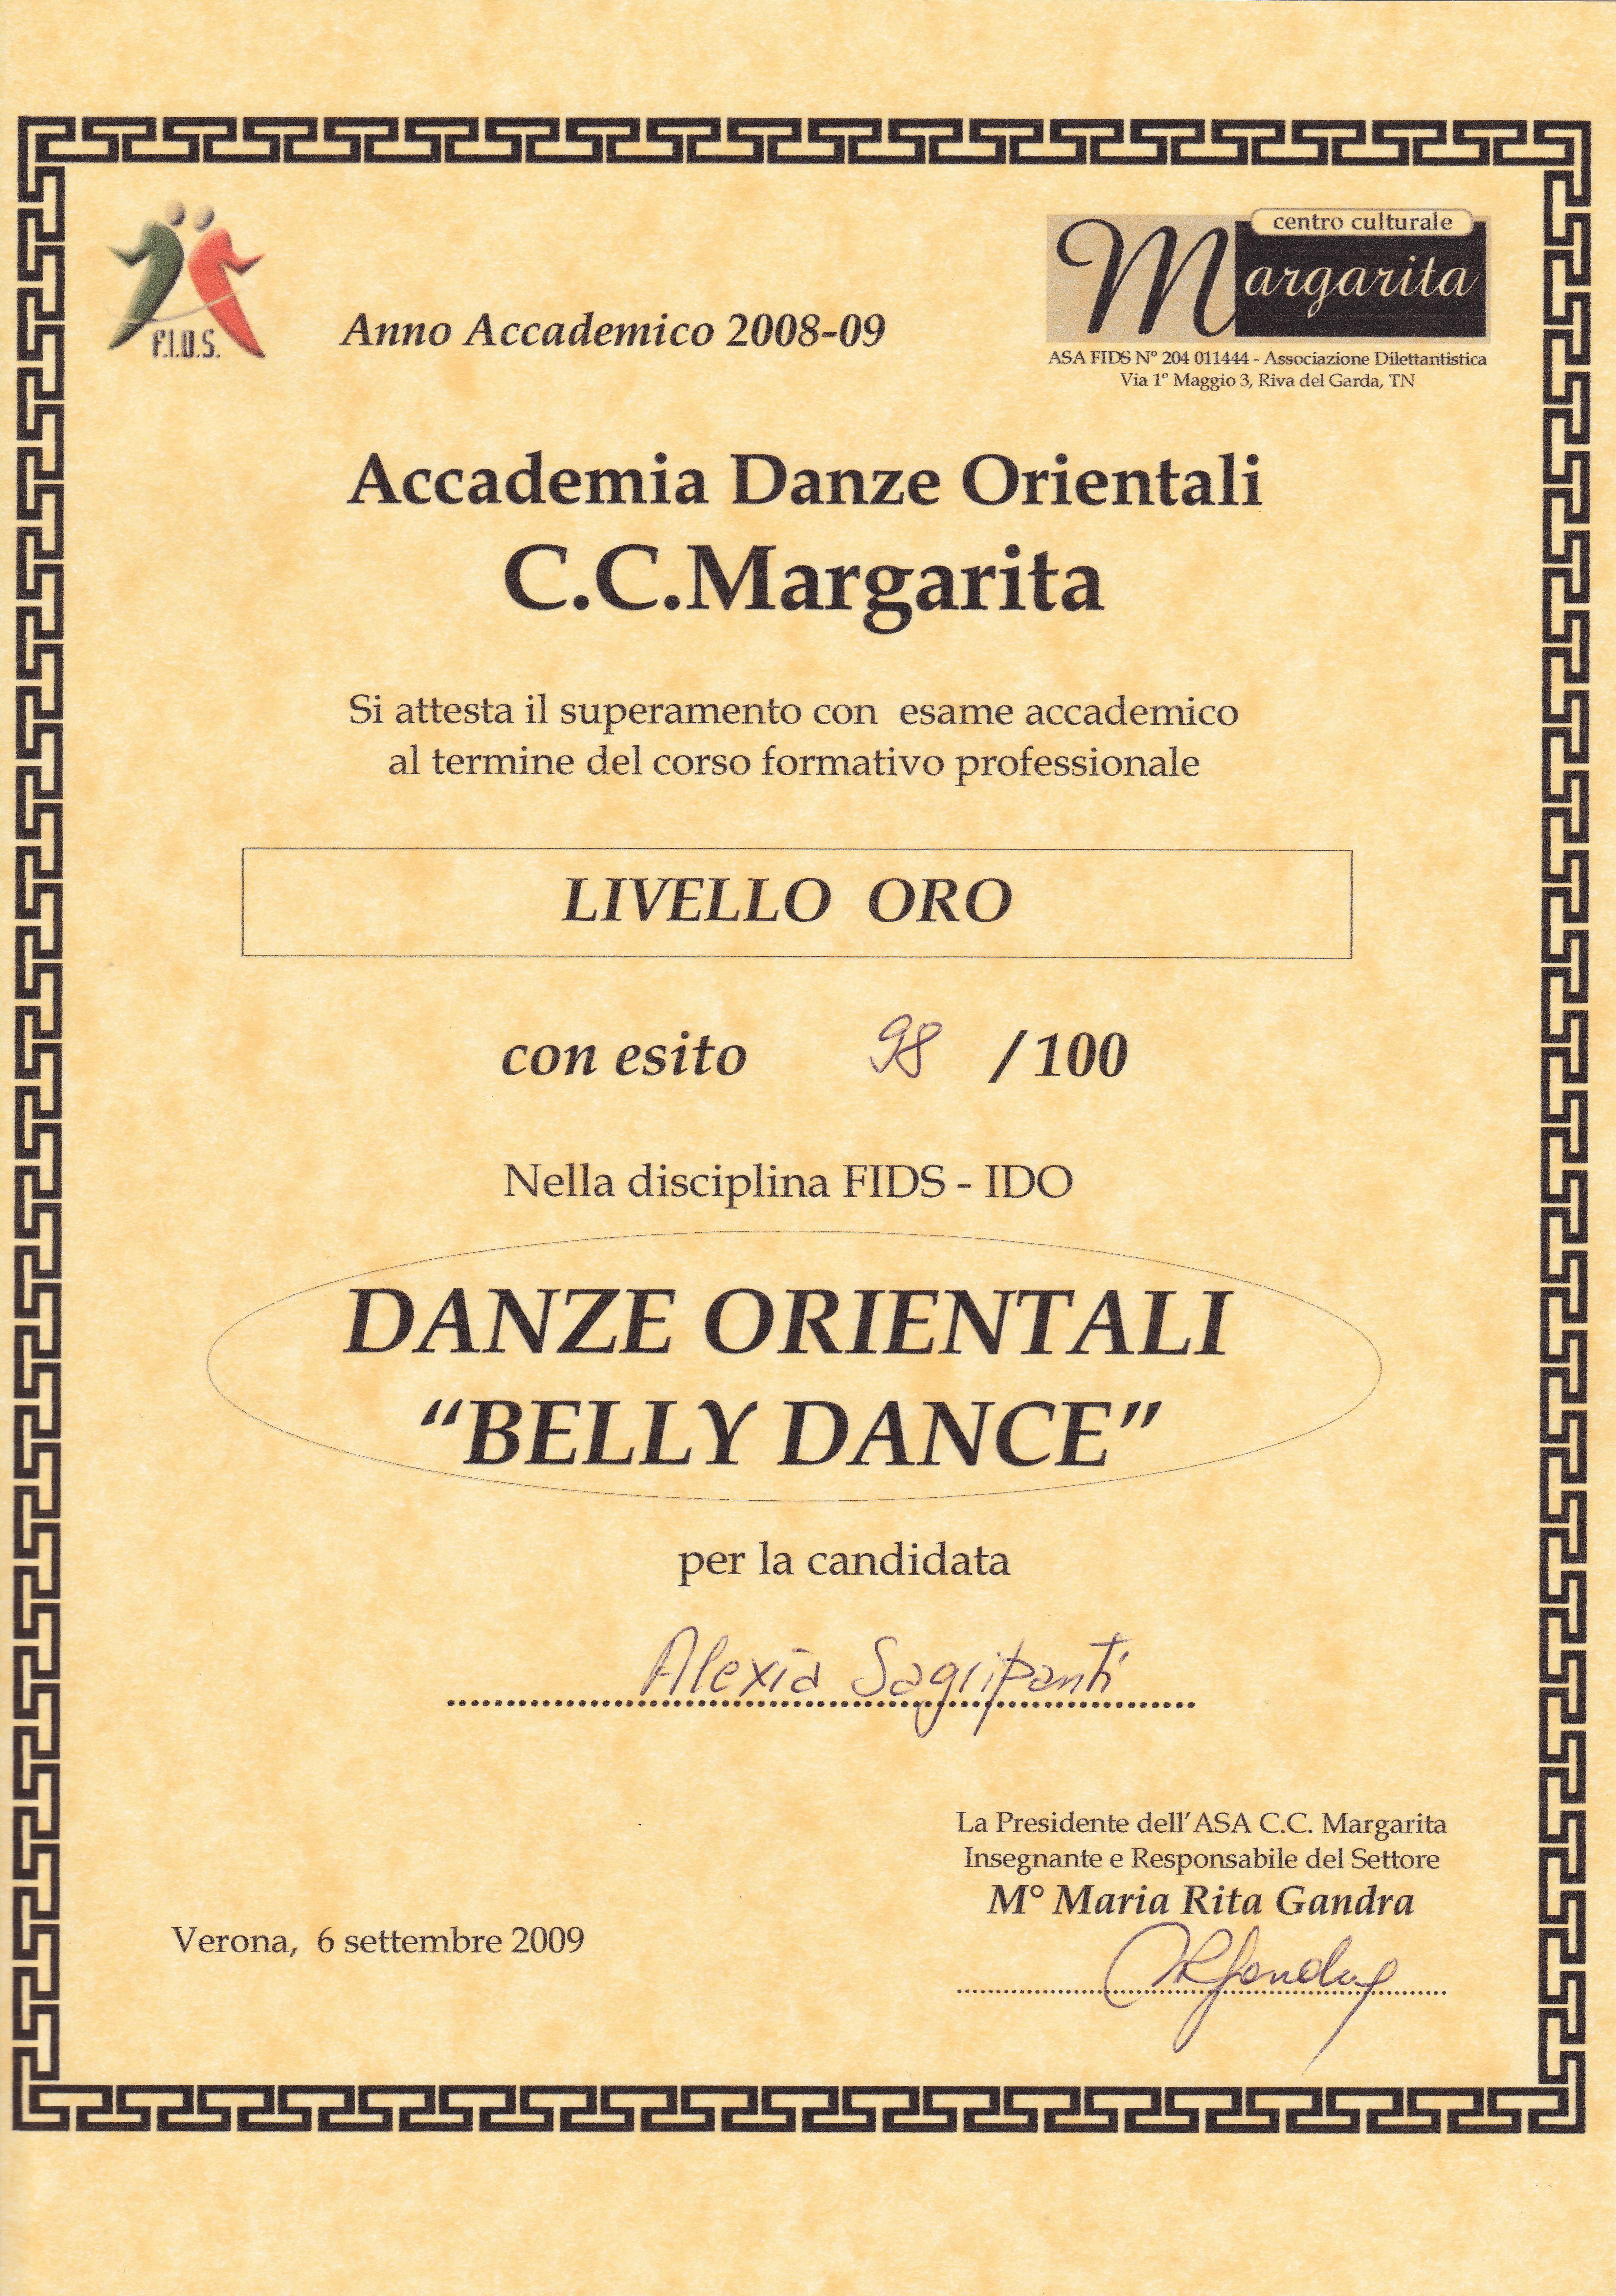 2009 - Civitanova Marche